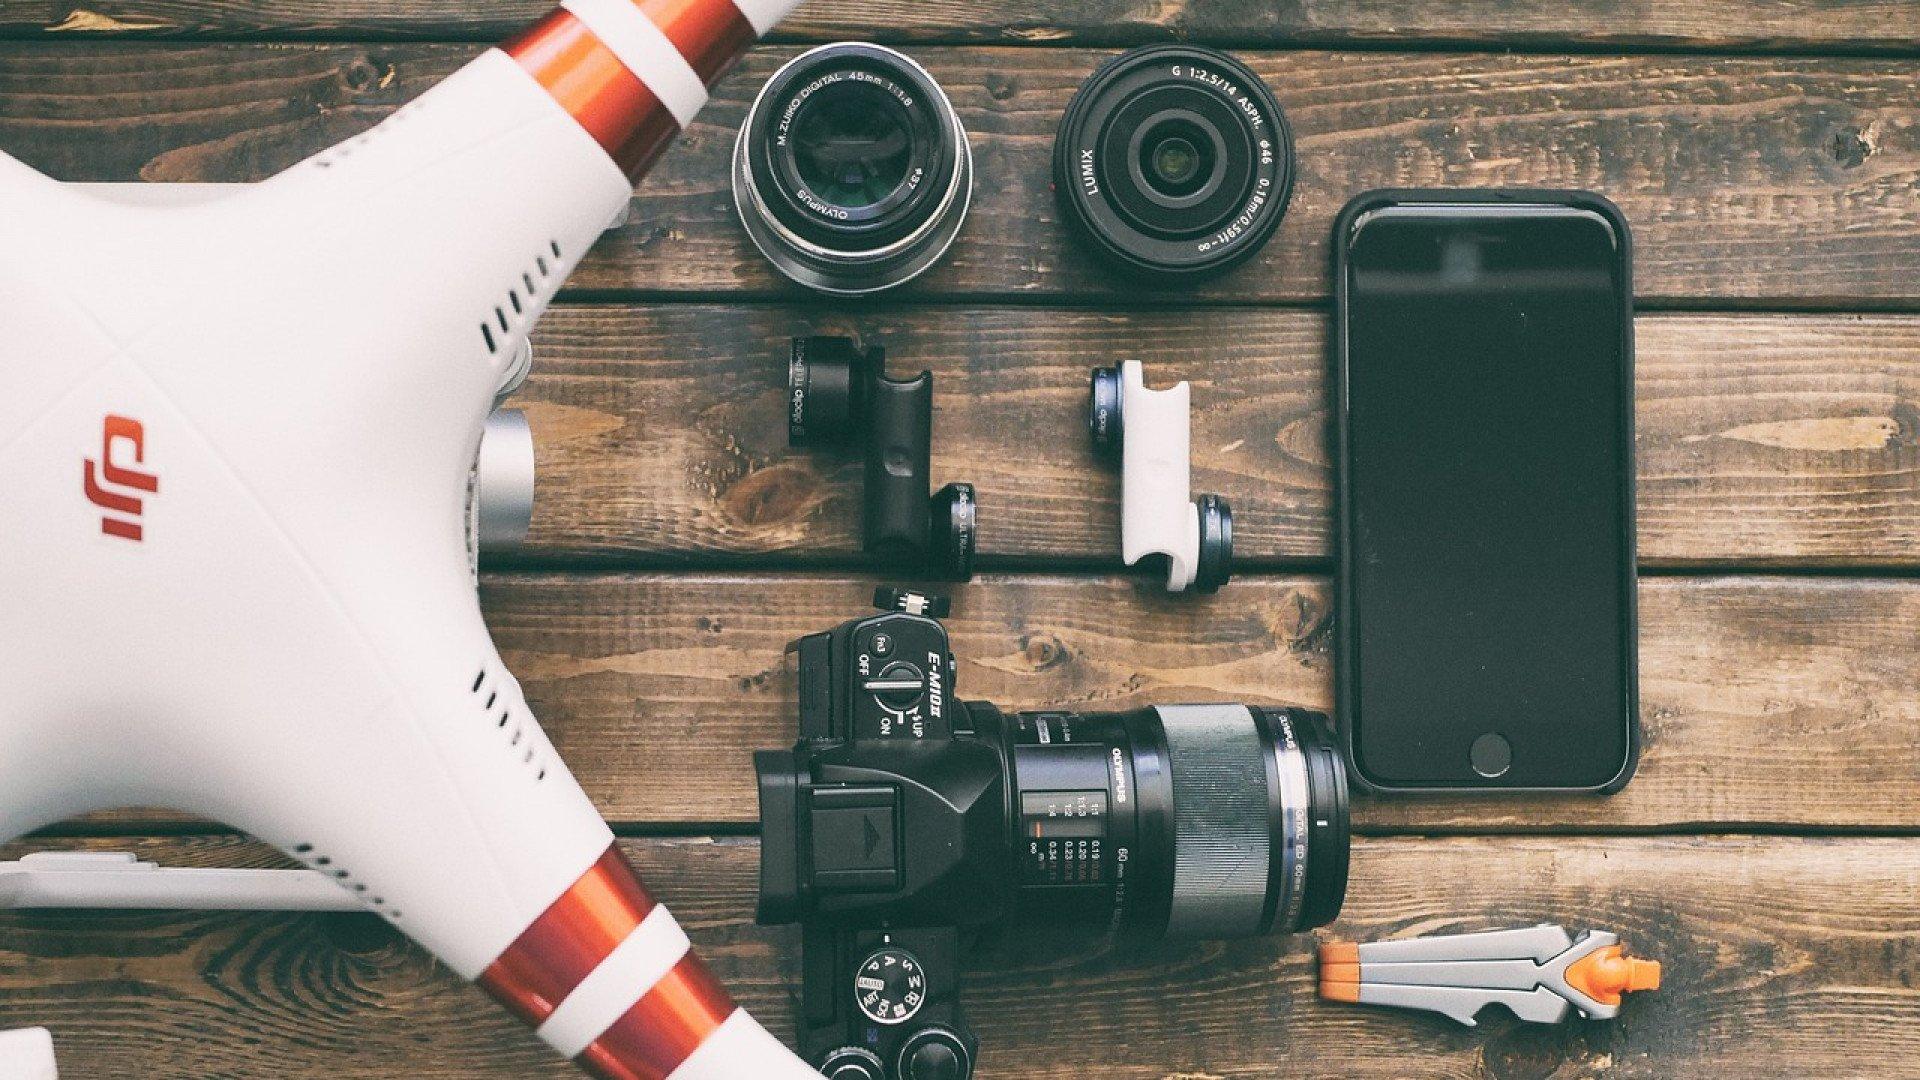 Trois drones pour réaliser d'excellentes photos et vidéos de vacances 9